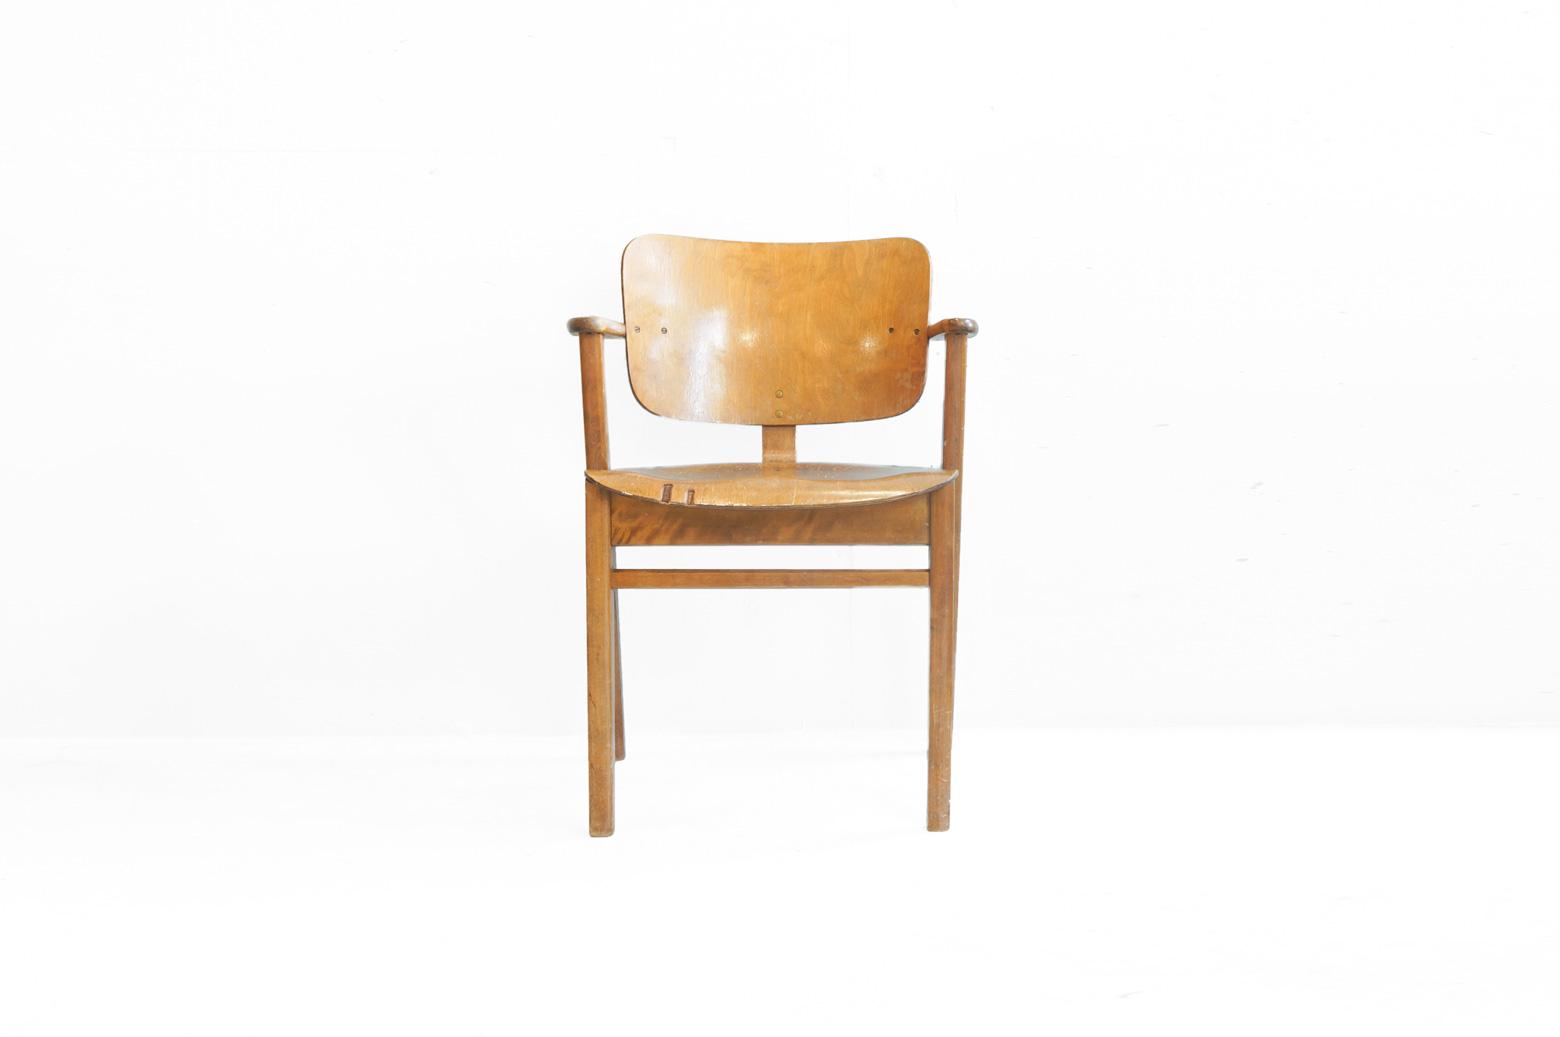 """アルヴァ・アアルトと並ぶフィンランドを代表する巨匠のひとり、Ilmari Tapiovaara/イルマリ・タピオヴァーラ。 彼がヘルシンキの学生寮「ドムス アカデミア」のために1946年にデザインしたチェアが「ドムスチェア」です。 プライウッドで形成されたシート部分は体を包み込むような柔らかいアーチがかかっており、学生が長時間座って勉強したり読書をしていても疲れず、どの角度でも座りやすようにデザインされています。 幅広な背もたれの脇からちょこっと飛び出た肘掛けはテーブルの下に収納するときに邪魔にならないように。 ネジを敢えて見せているのは輸出時にコンパクトに梱包できるよう、もともとは組み立て式のチェアであったため。 フィンランド特有の合理的な考え方がこのチェアの随所にも見られます。 洗練されたデザインというよりもどこか素朴で愛嬌のある佇まいが特徴のドムスチェア。 最近では北欧デザインへの注目が高まり、ヴィンテージ家具の人気もどんどんと上がっています。 このドムスチェアもそのひとつで、フィンランドですらヴィンテージドムスにはなかなか出会えないのだとか。 貴重なヴィンテージをお探しの方はこの機会にぜひご検討ください。 ヴィンテージ品のため、傷や擦れ、汚れがございます。座面にささくれがございましたが、丁寧にサンディングして角を取りましたので、引っかかりにくくなっております。蜜蝋ワックスで仕上げております。 使用に差し支えるようなダメージはございません。耐久性に優れた丈夫な作りのドムスチェアはヴィンテージ品でもまだまだ永くお使いいただけます。また、ヴィンテージならではの飴色に変化したバーチ材の深い味わいをお楽しみいただけます。 フィンランドという国は実は出来てから100年余りということをご存知でしょうか。 しかしながら、フィンランドで生まれたデザインの歴史は意外にも古く、こちらのドムスチェアは同じ北欧のデンマークの名作家具Yチェアやセブンチェアよりも前にデザインされました。(アアルトのスツール60などはそれよりも更に古い!) 古くからのフィンランド人の物へのこだわりが永く愛され続けるデザインを生み出しているのではないでしょうか。 それにしてもドムスチェアは一見""""ぼてっ""""とした椅子なのですが、ずっと見てるとどんどん可愛く見えてくるのは不思議です。 ~【東京都杉並区阿佐ヶ谷北アンティークショップ 古一】 古一/ふるいちでは出張無料買取も行っております。杉並区周辺はもちろん、世田谷区・目黒区・武蔵野市・新宿区等の東京近郊のお見積もりも!ビンテージ家具・インテリア雑貨・ランプ・USED品・ リサイクルなら古一/フルイチへ~"""